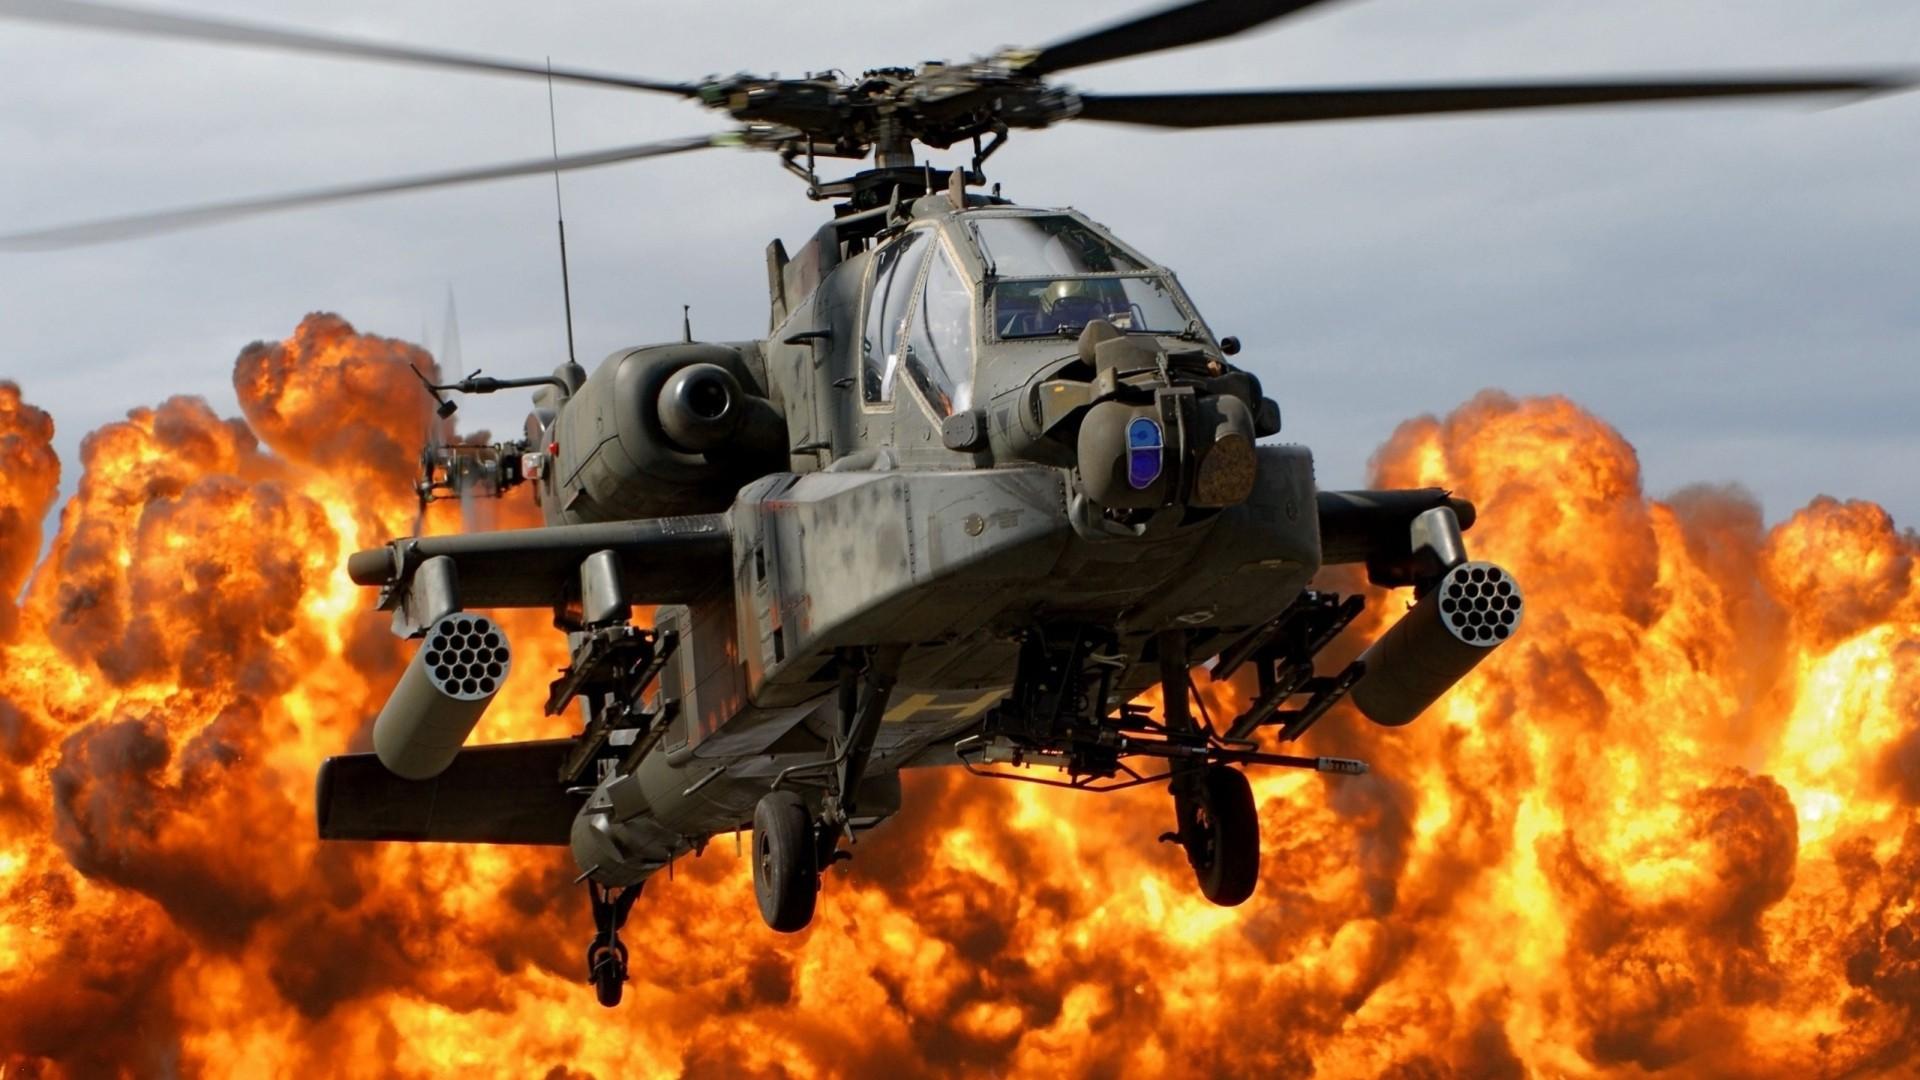 Стрельба с вертолета без регистрации